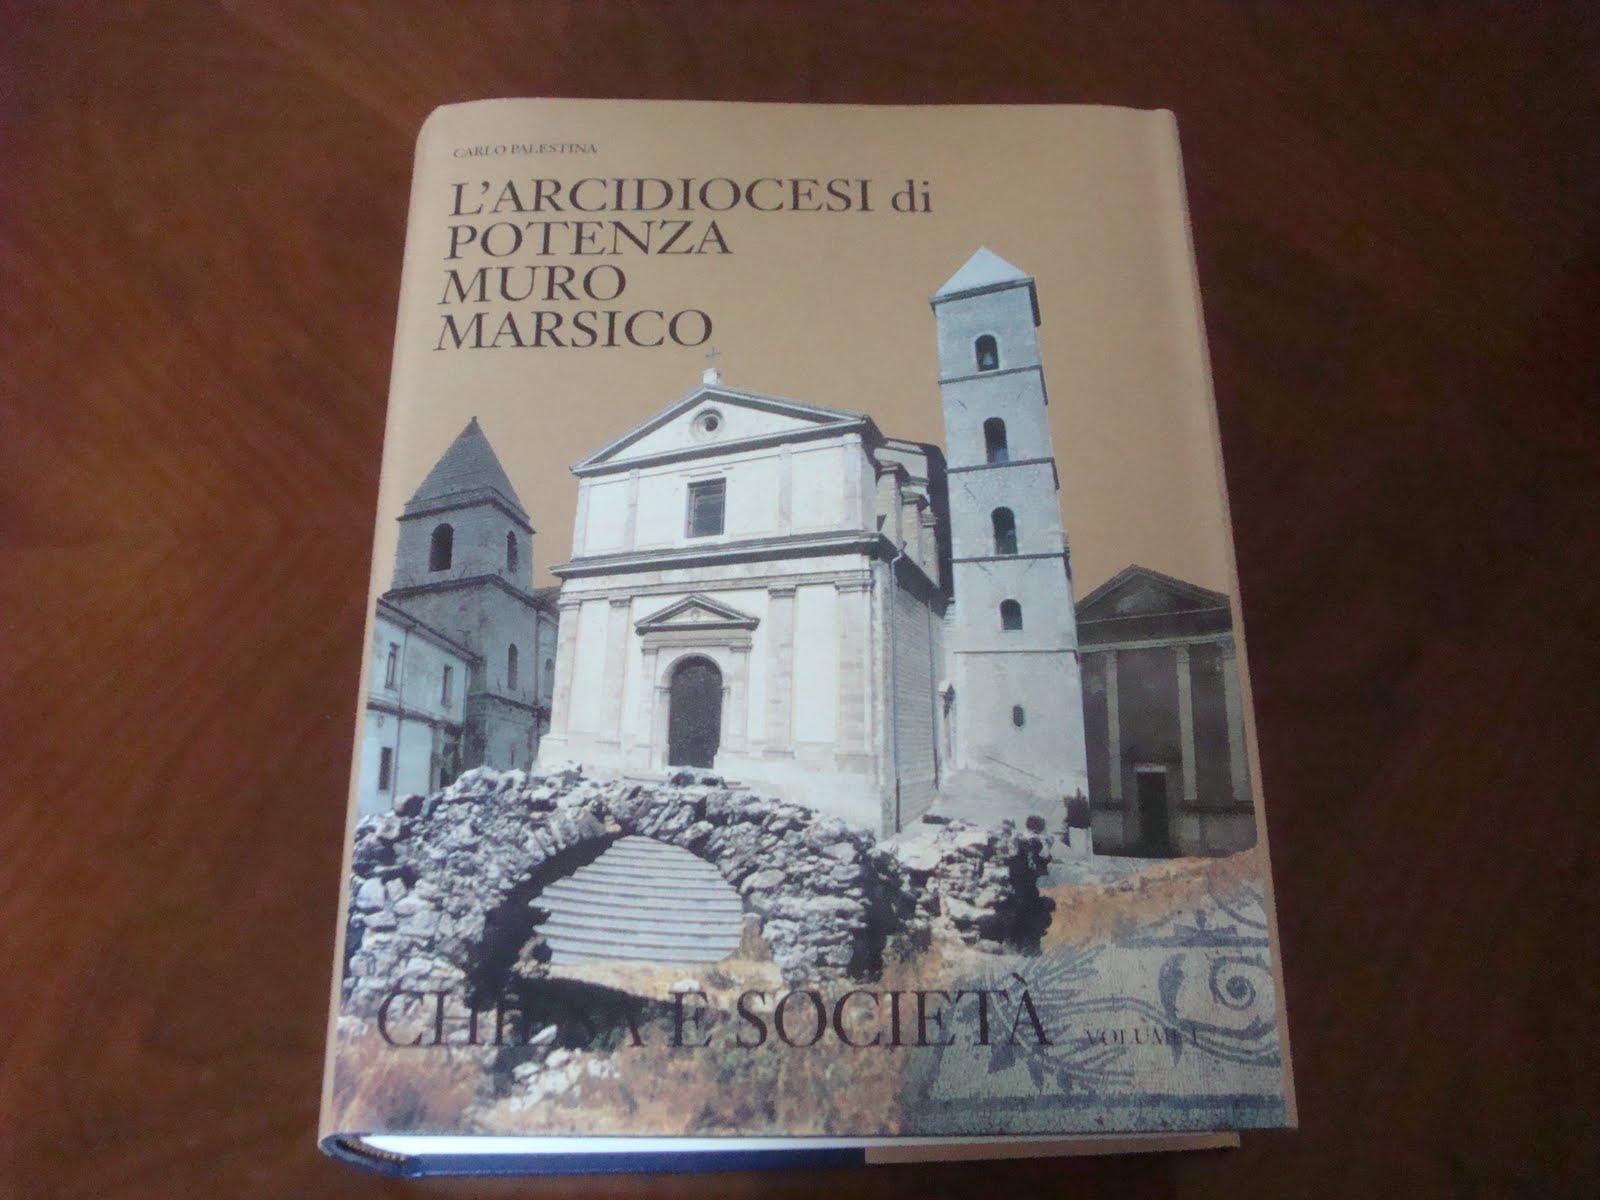 Storia dell arcidiocesi di potenza muro marsico - Corso di cucina potenza ...